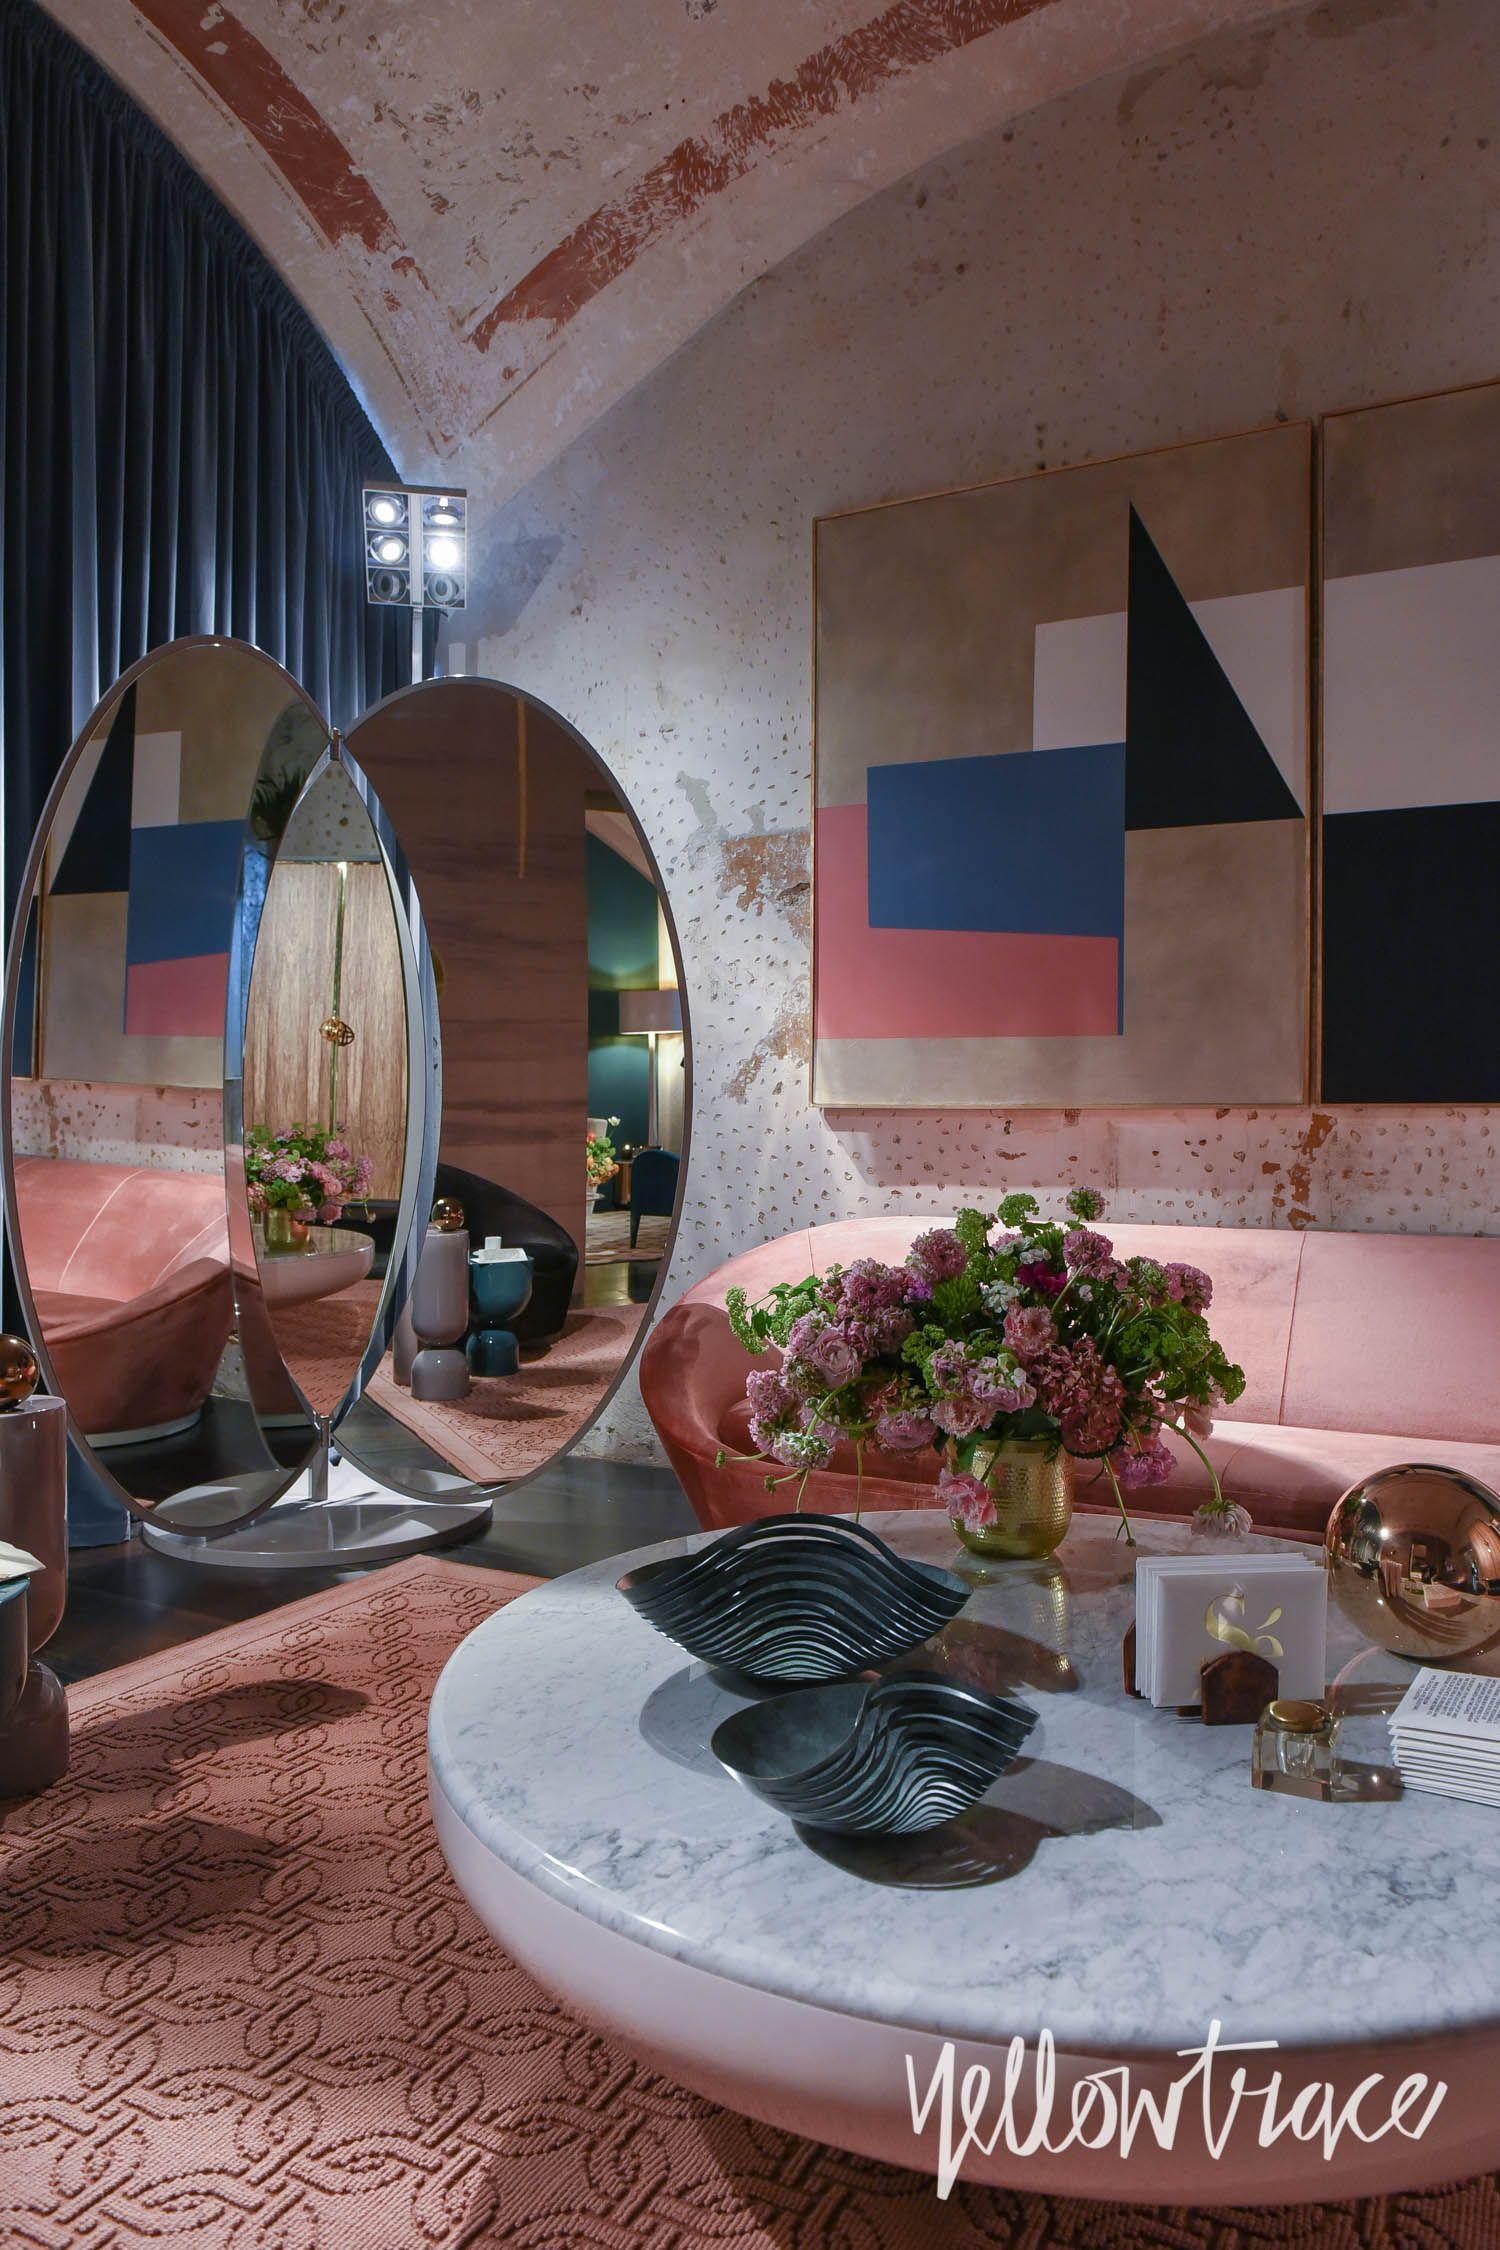 Milan Design Week 2017 Highlights